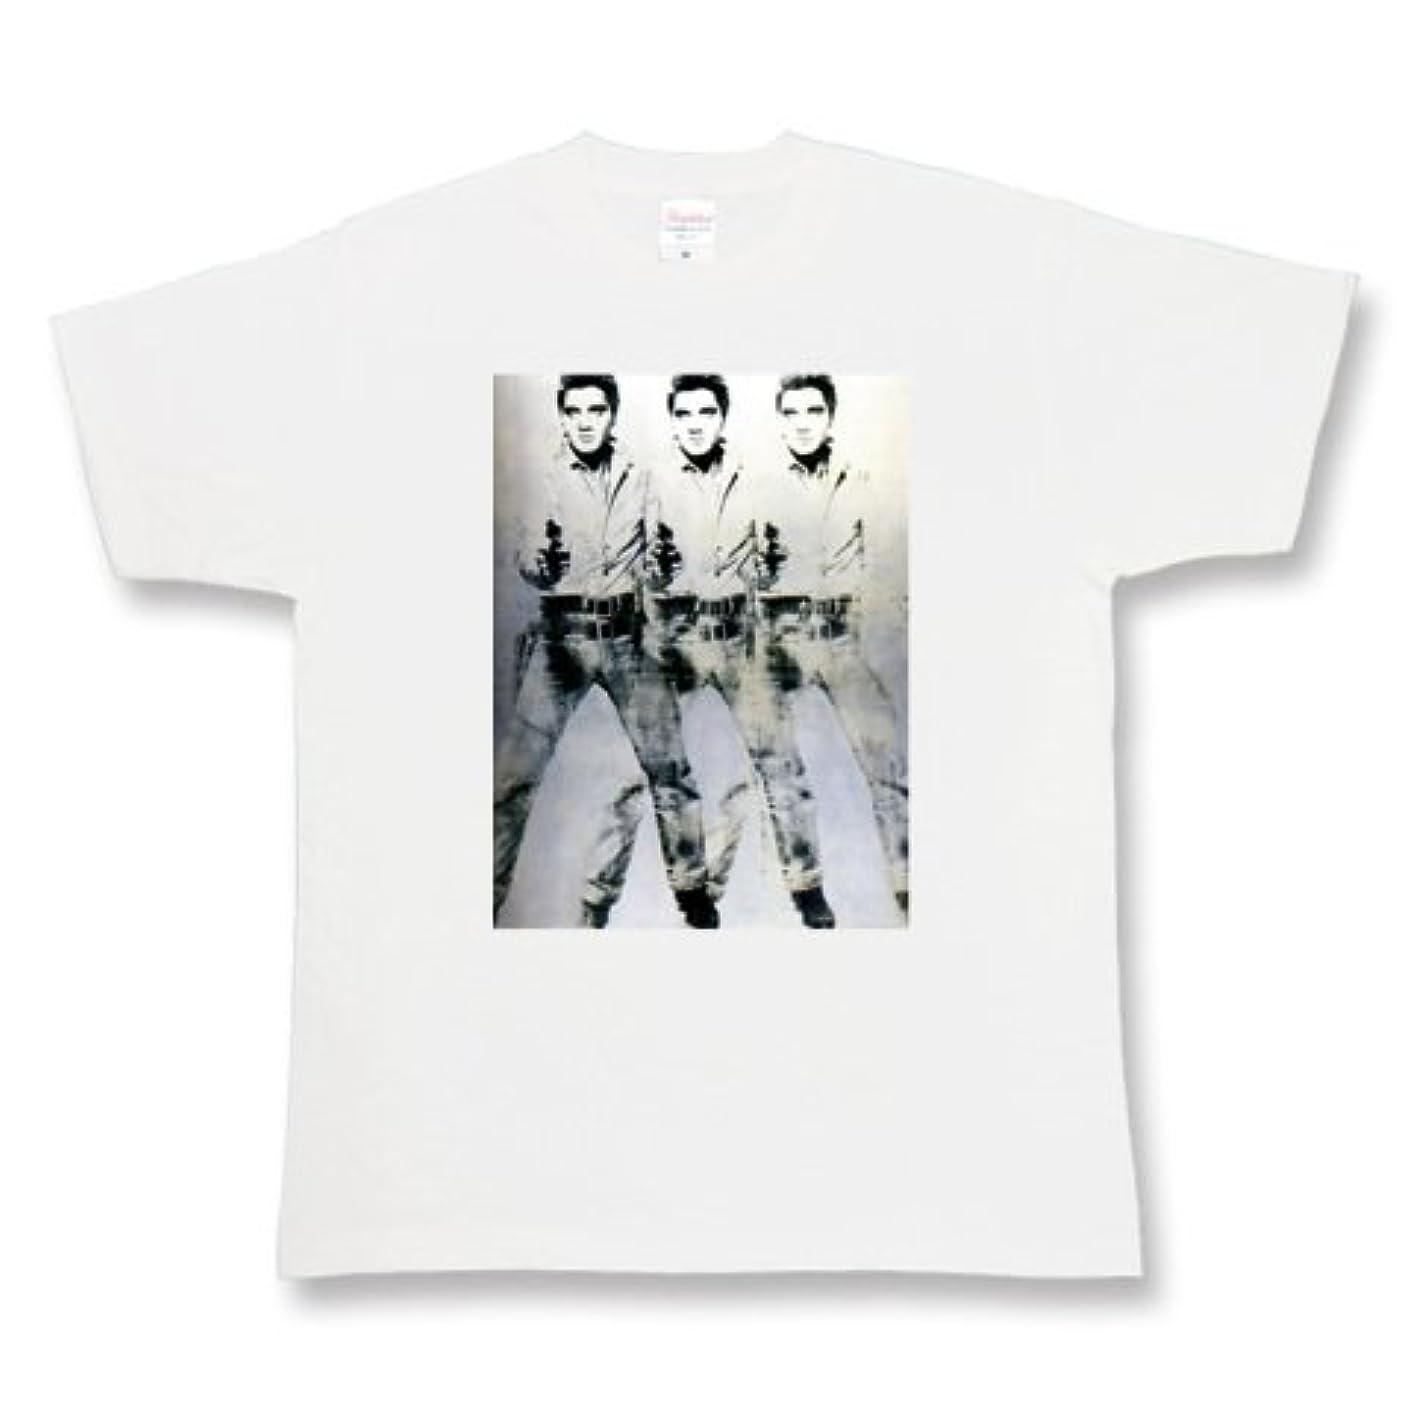 不満ユーモア勉強するElvis Presley エルヴィス プレスリー メンズ レディース ユニセックス 半袖Tシャツsswh00617